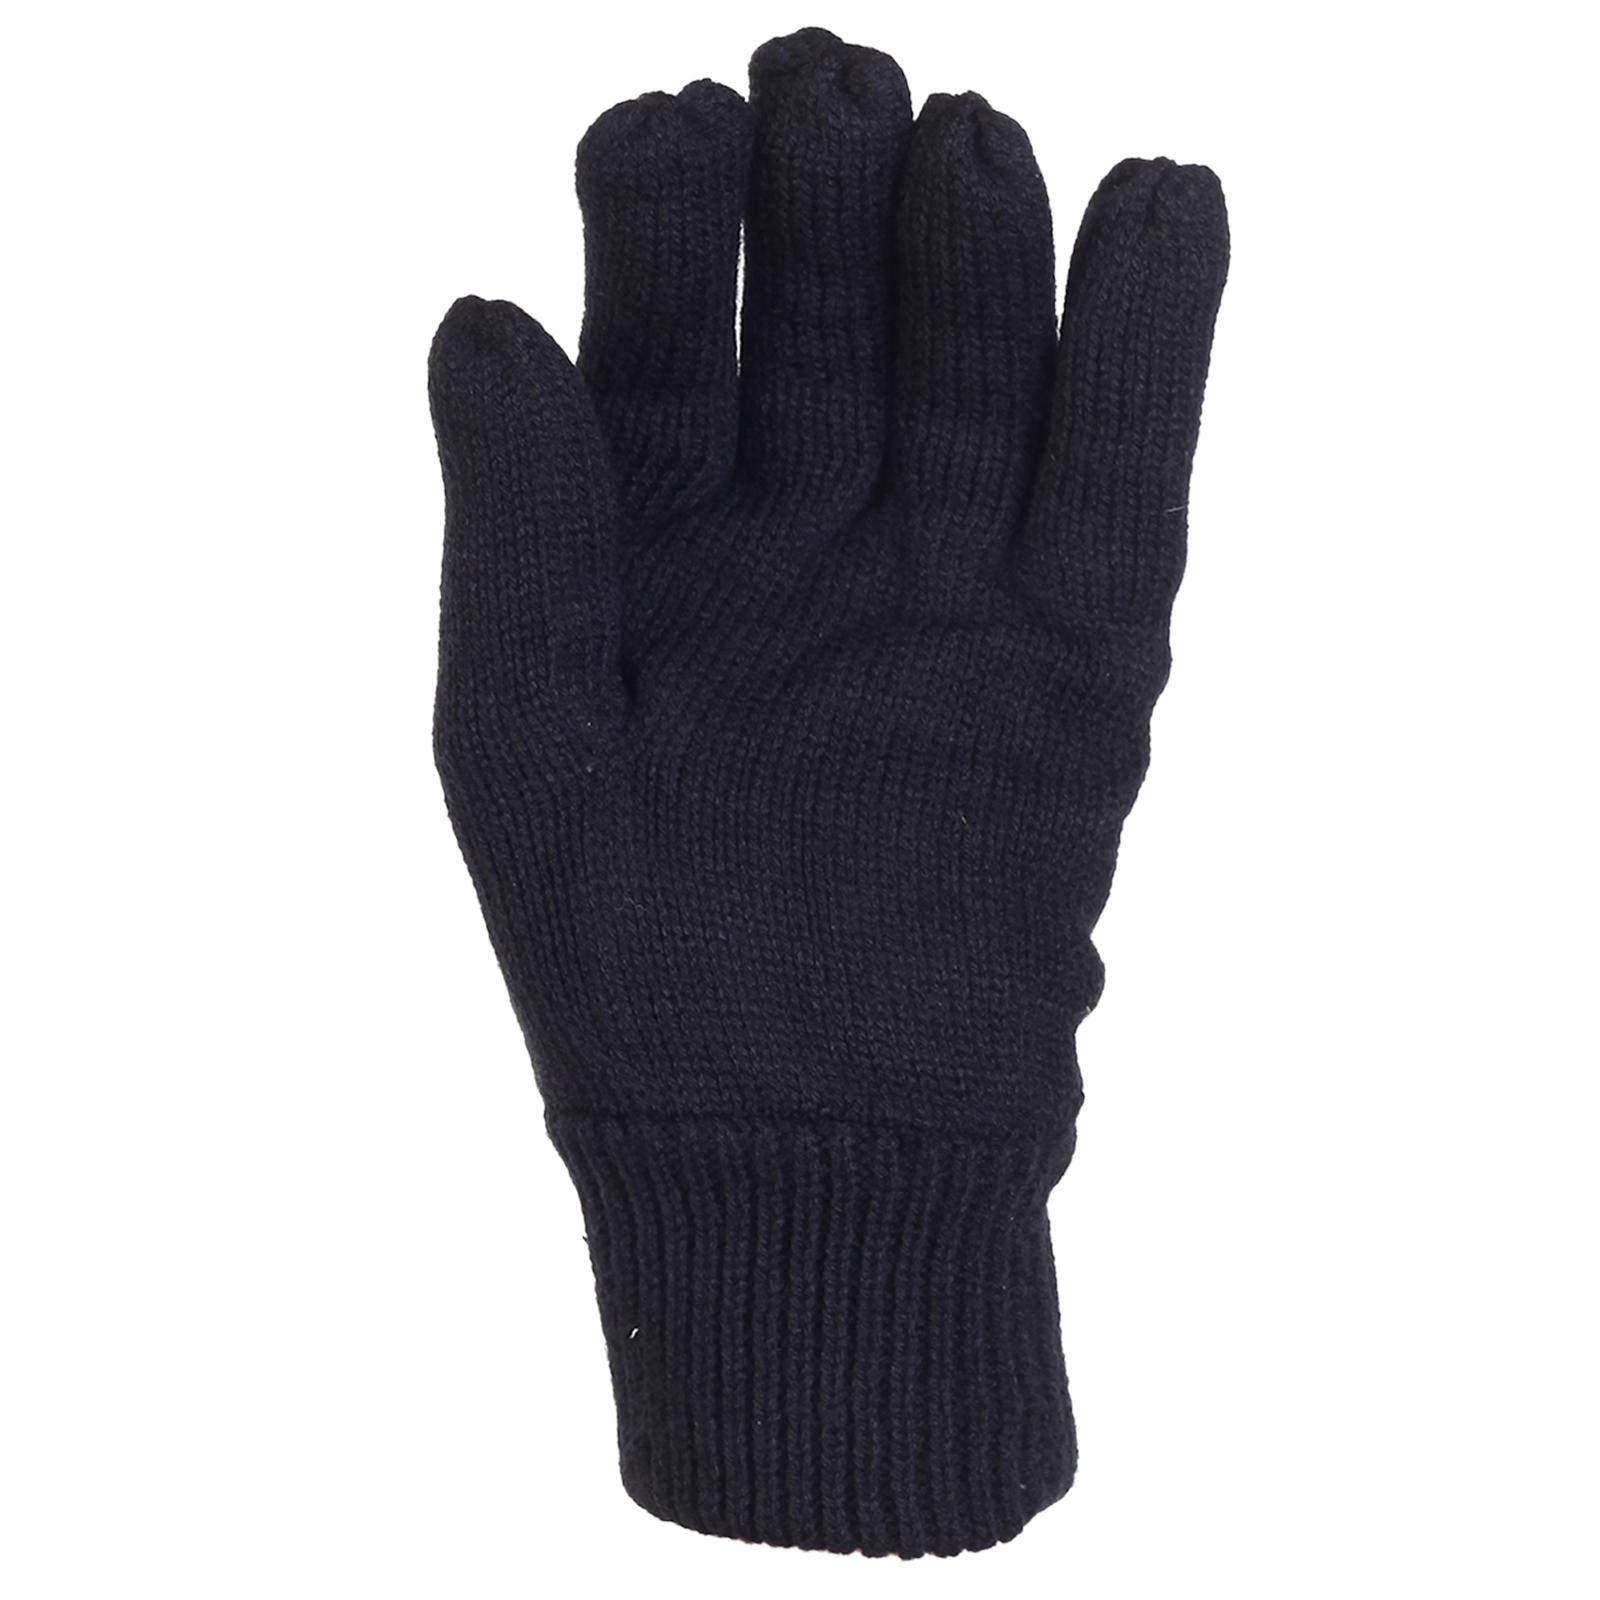 Мужские теплые перчатки Thinsulate